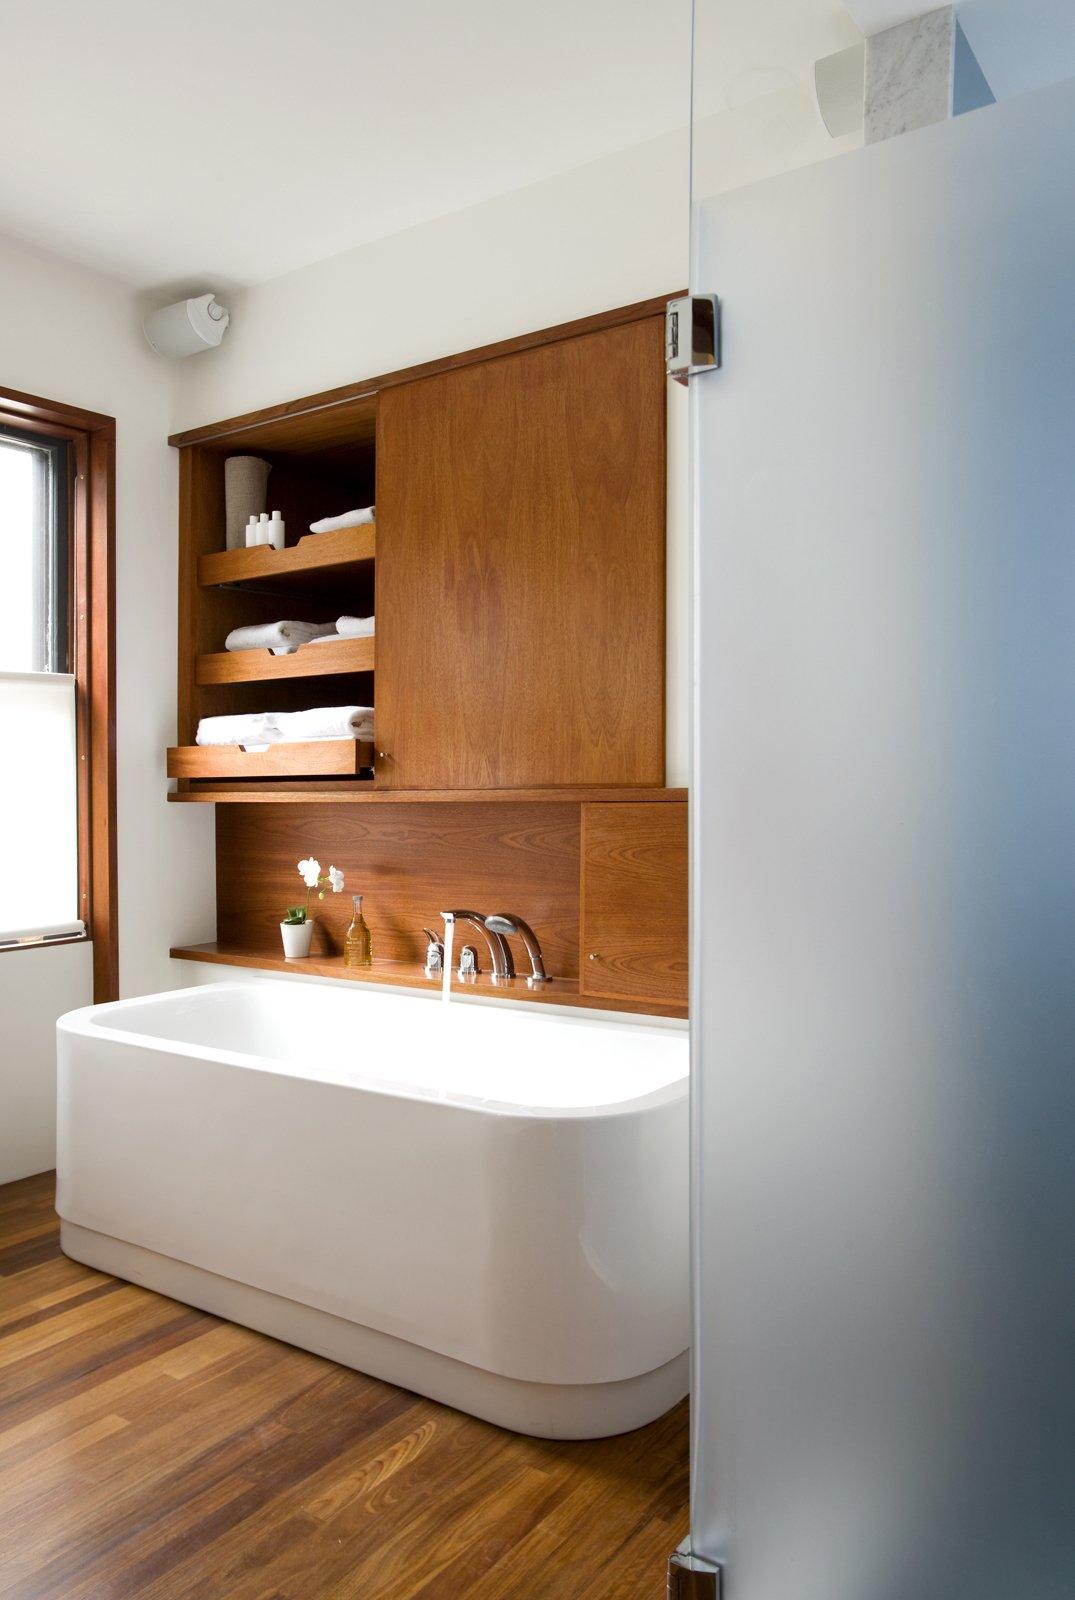 Không gian lưu trữ lớn: Bồn tắm là điểm nhấn của trong phòng, cũng là thứ giúp tâm trạng người dùng tốt hơn. Để tiết kiệm không gian, chủ nhà có thể tận dụng phần tường trên bồn tắm để lắp đặt tụ dự trữ đồ. Ảnh: Eric Roth